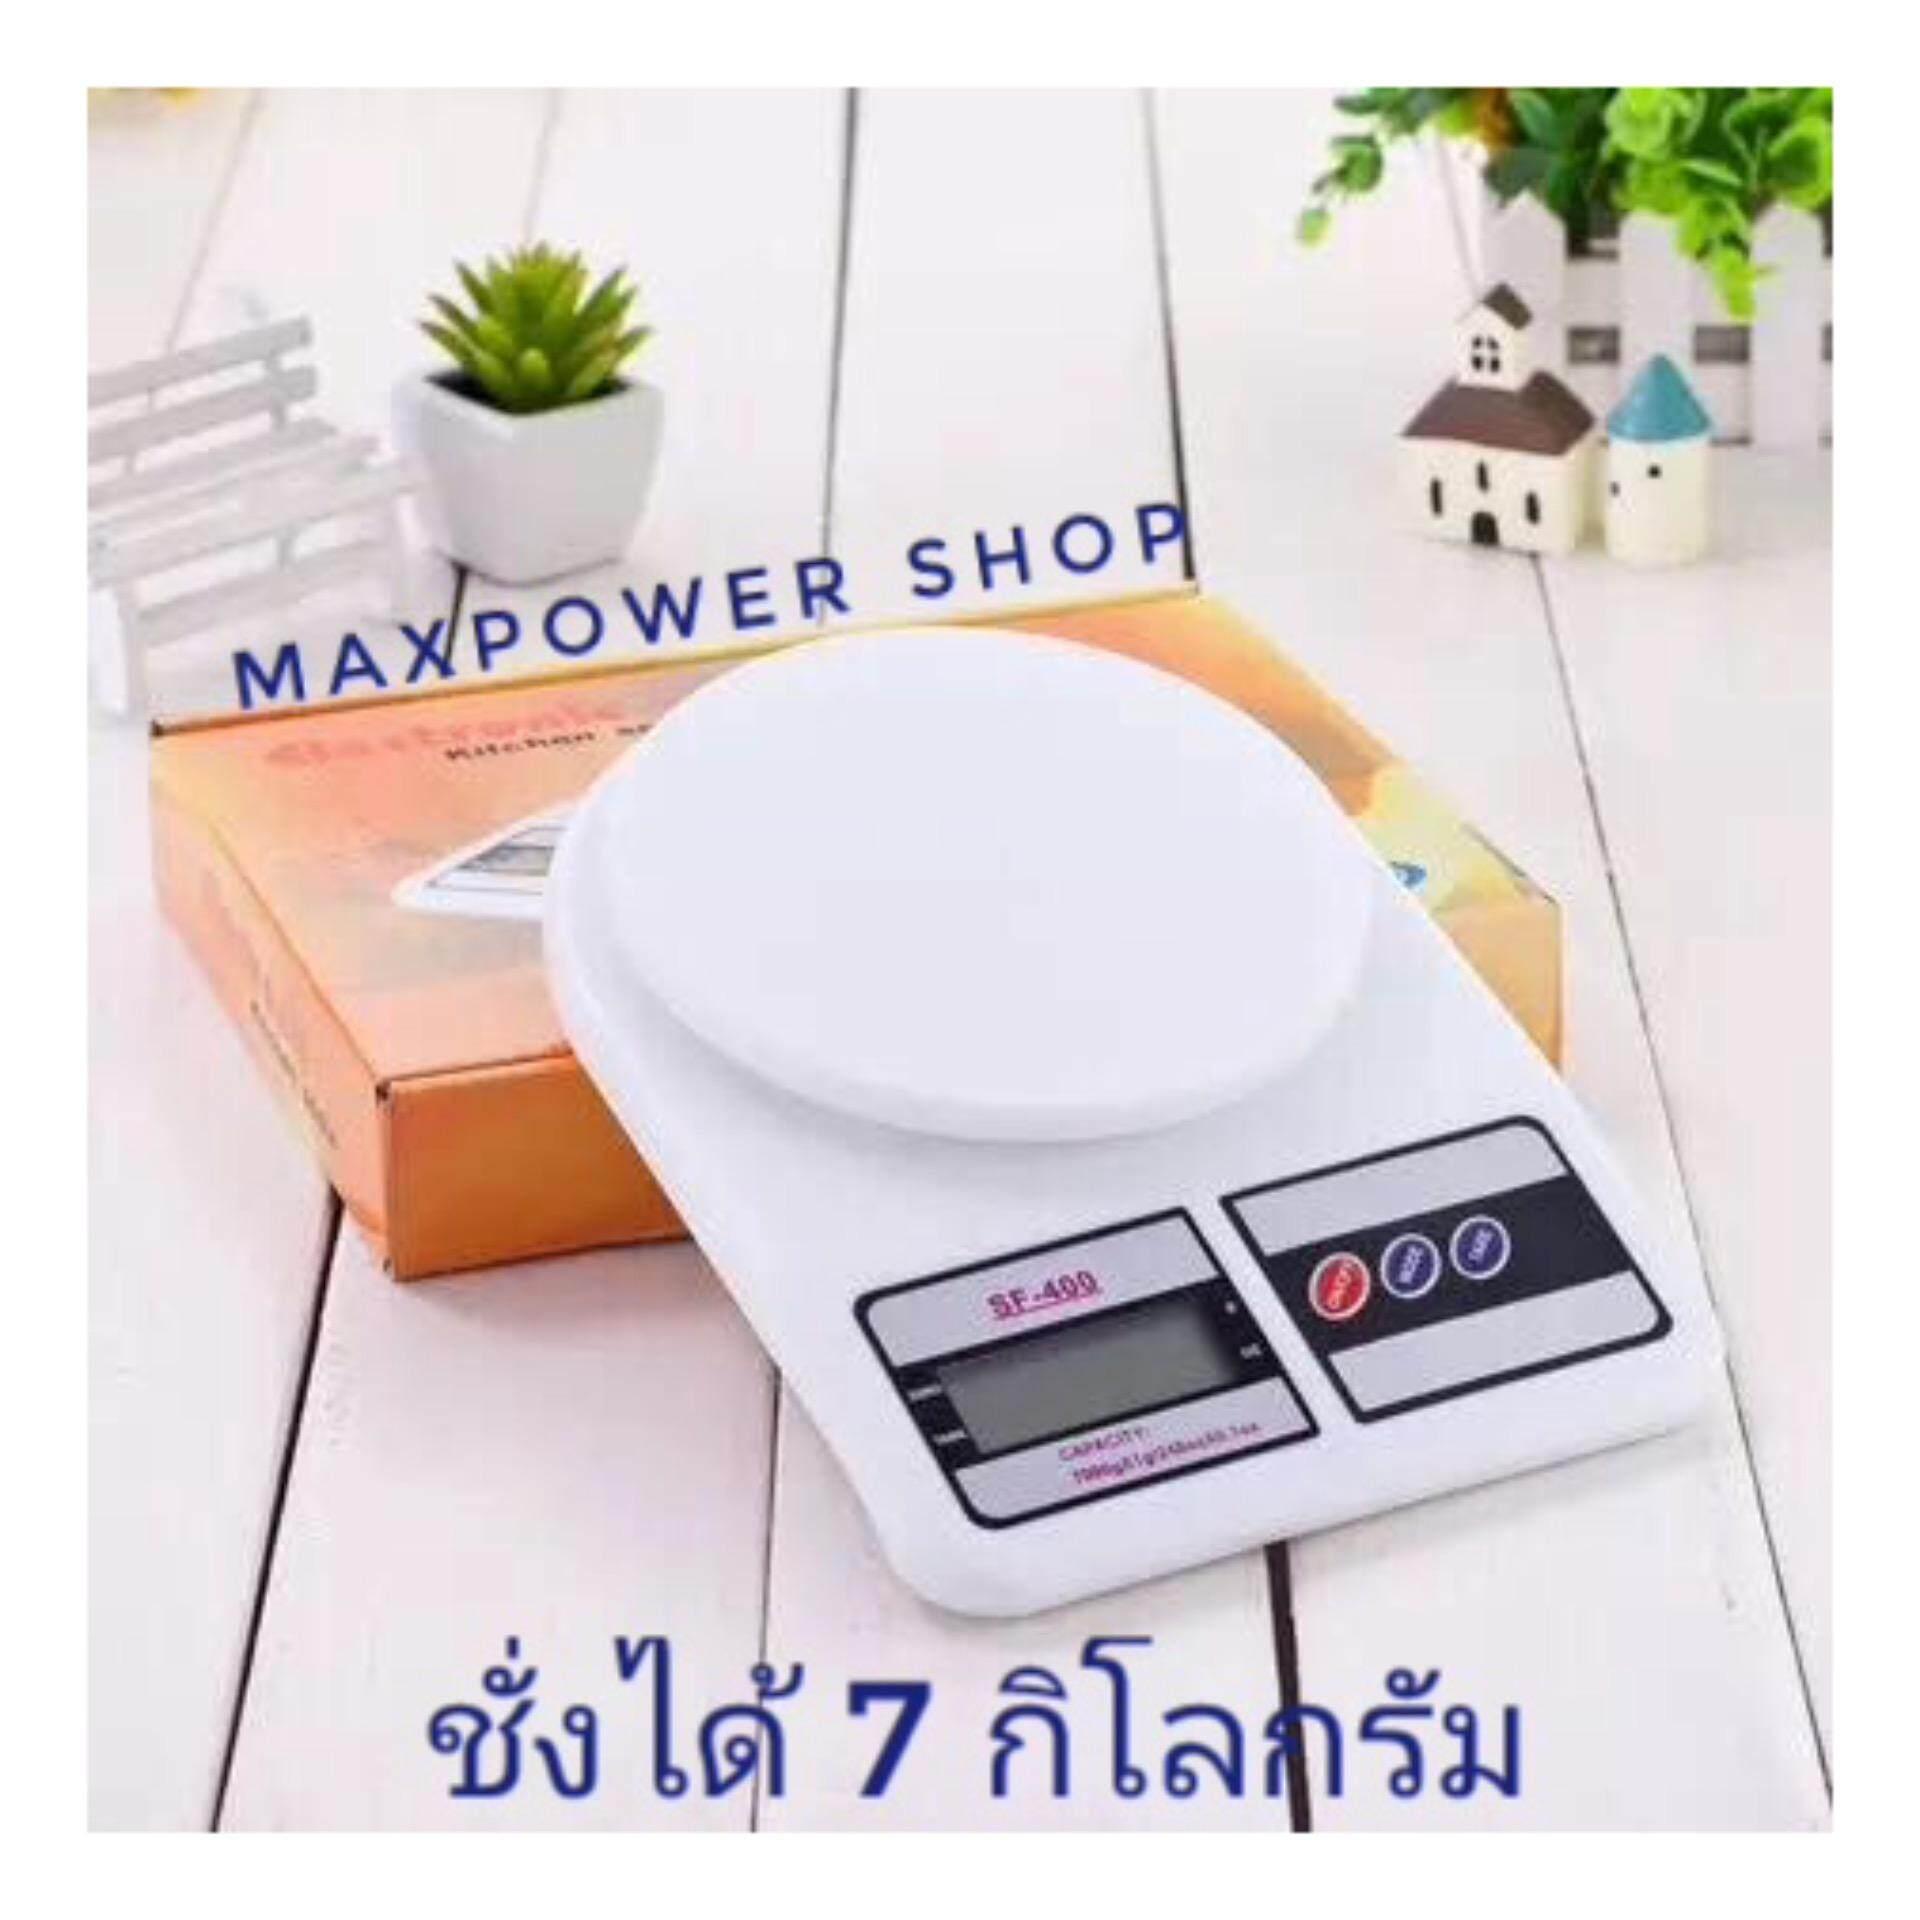 ซื้อ เครื่องชั่งดิจิตอล รุ่น Sf400 Kitchen Scale ชั่งได้ 7Kg สีขาว ออนไลน์